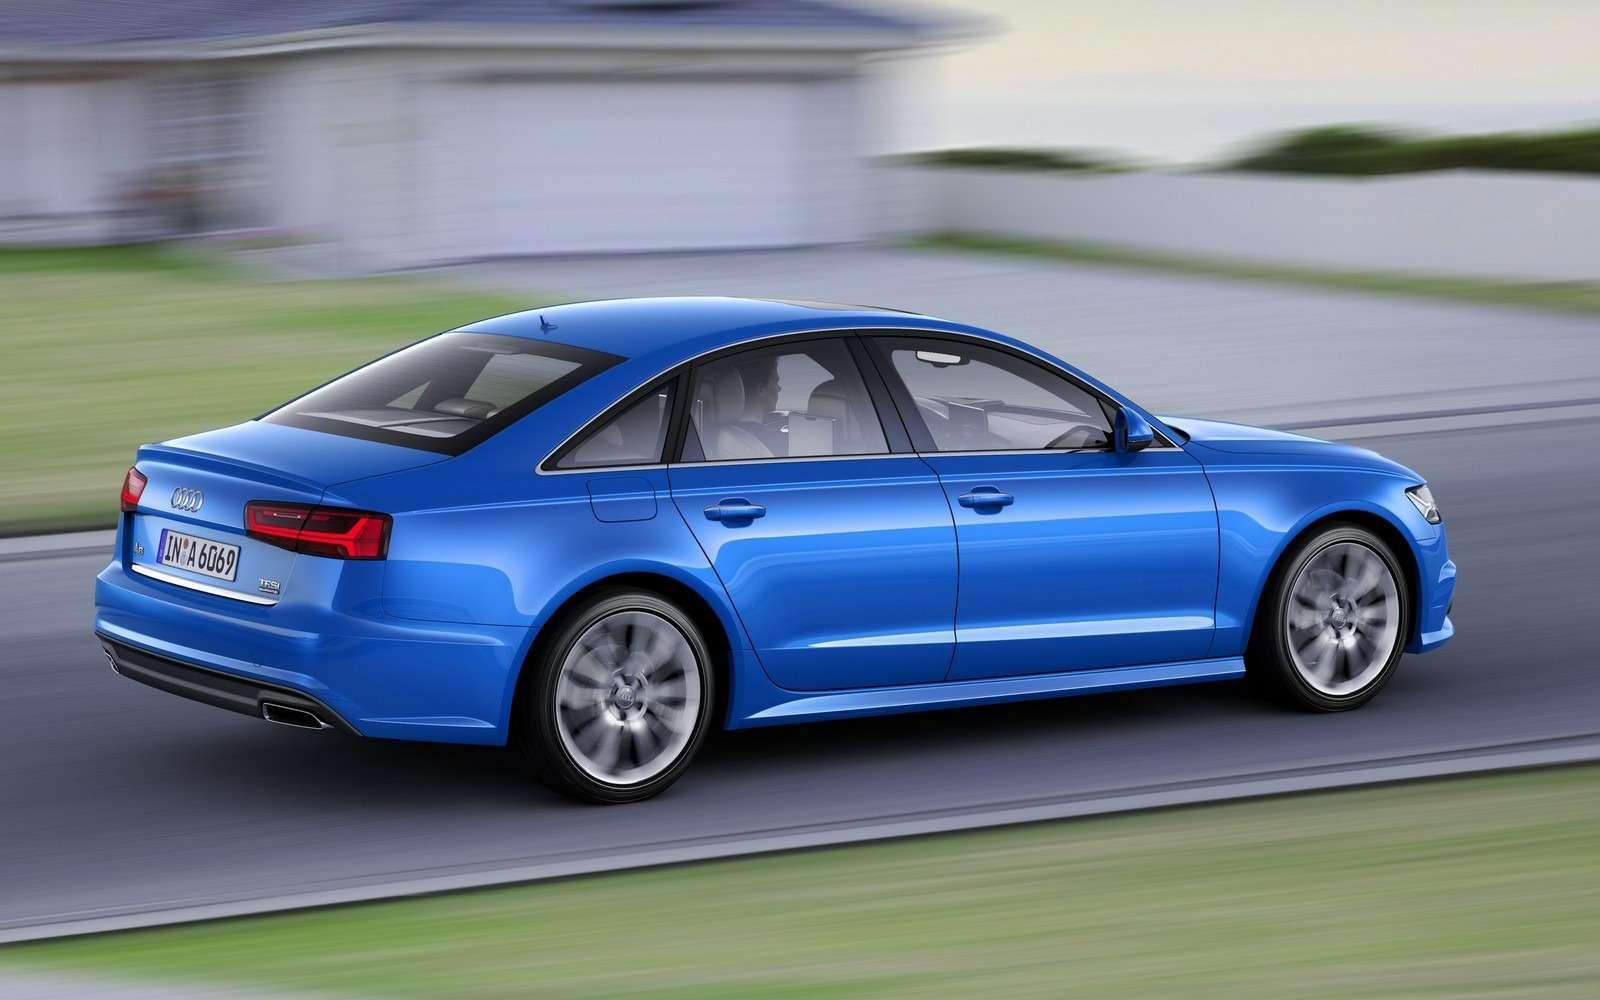 Обновленное семейство Audi A6/A7 хочет понравиться гаджетоманам— фото 579083